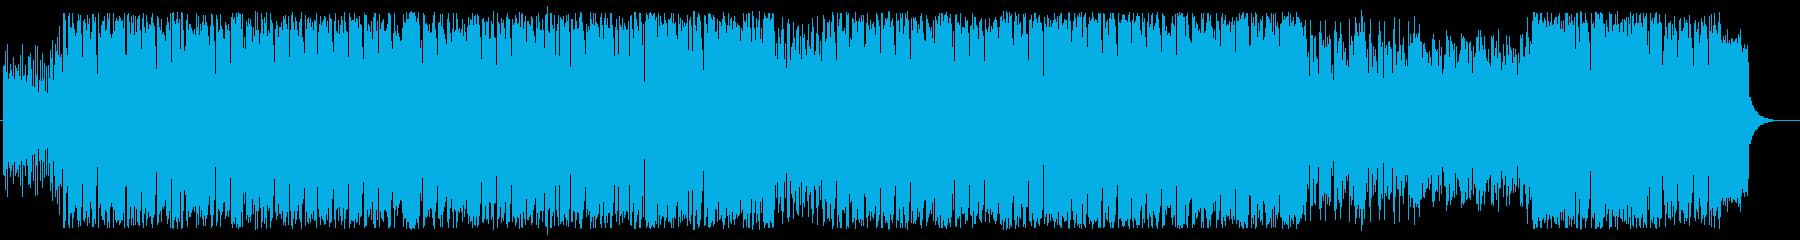 エスニックなフュージョンポップの再生済みの波形